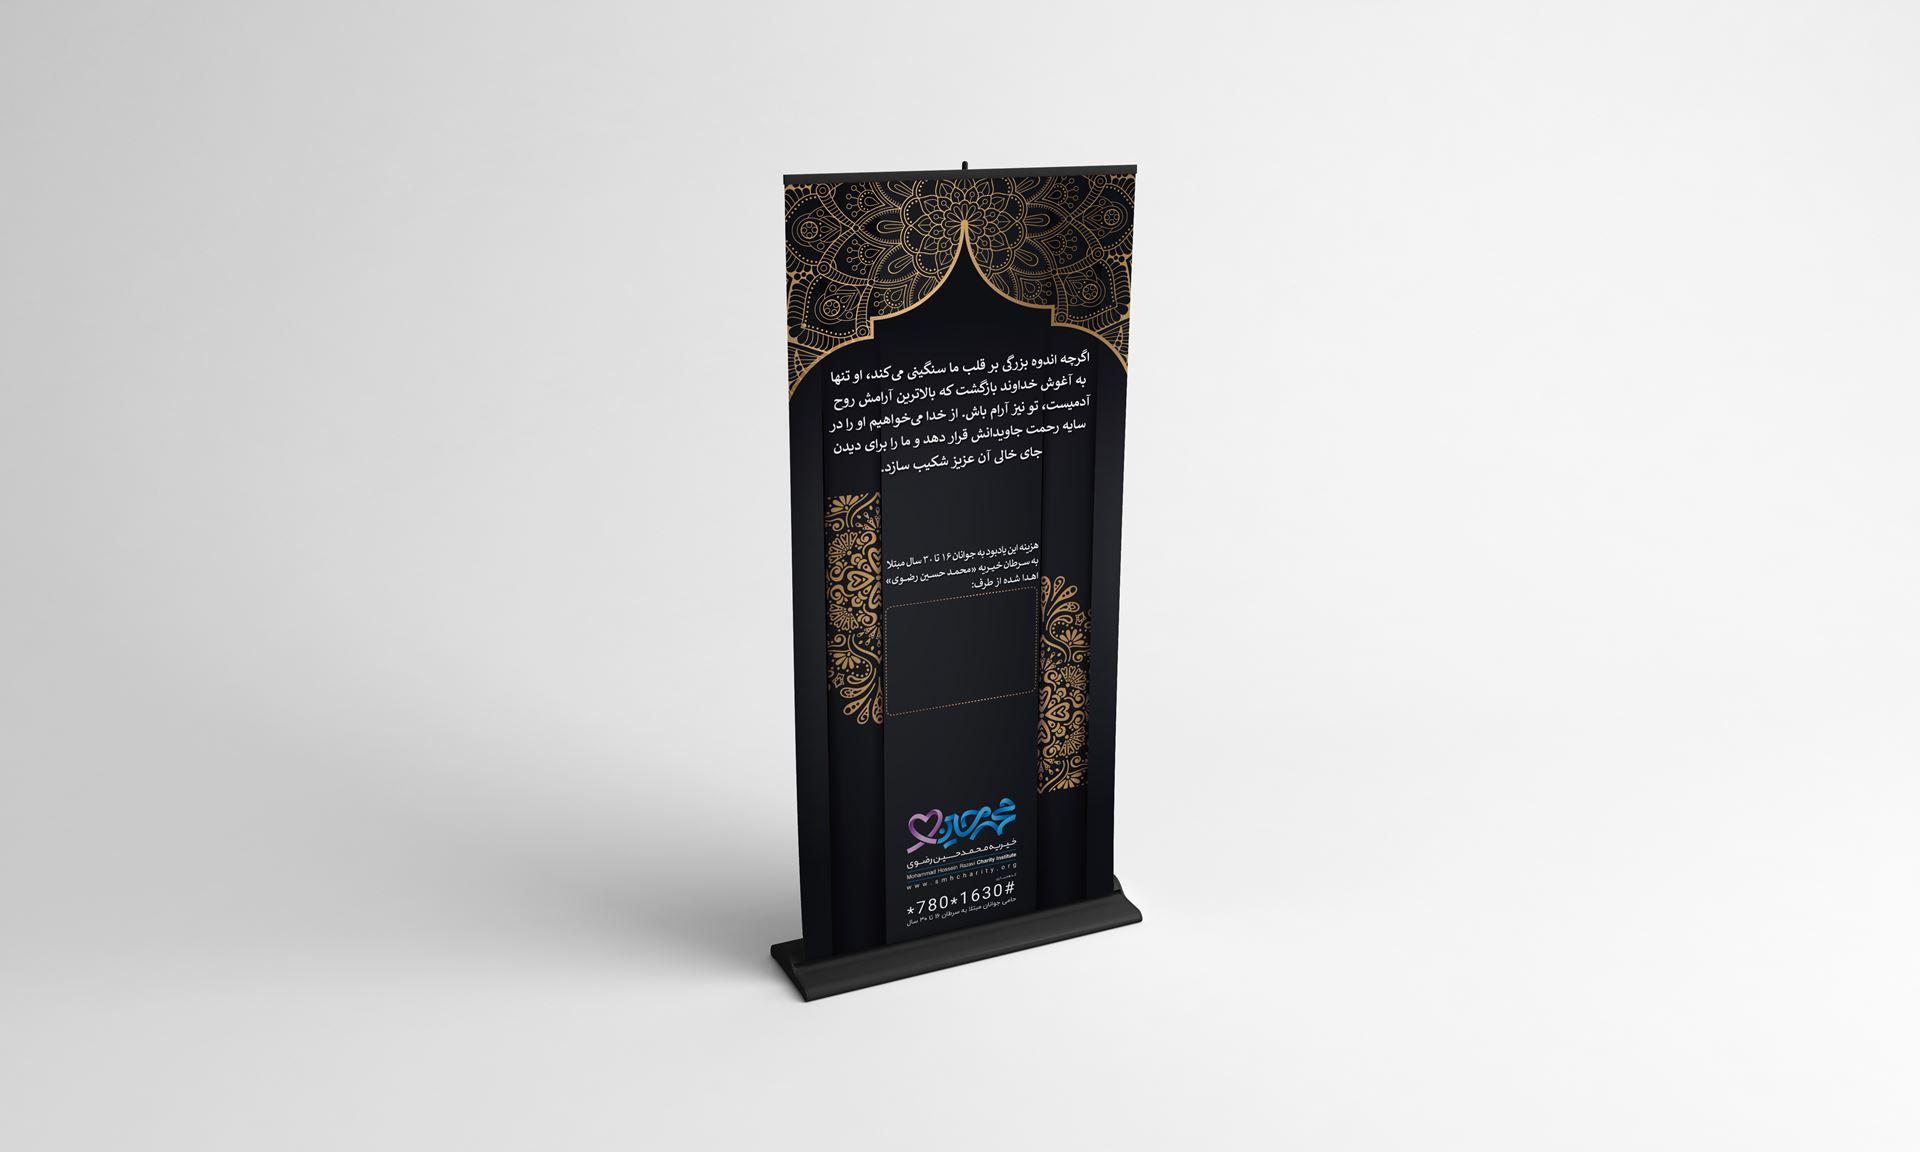 استند تسلیت خیریه موسسه خیریه محمد حسین رضوی-کد 002